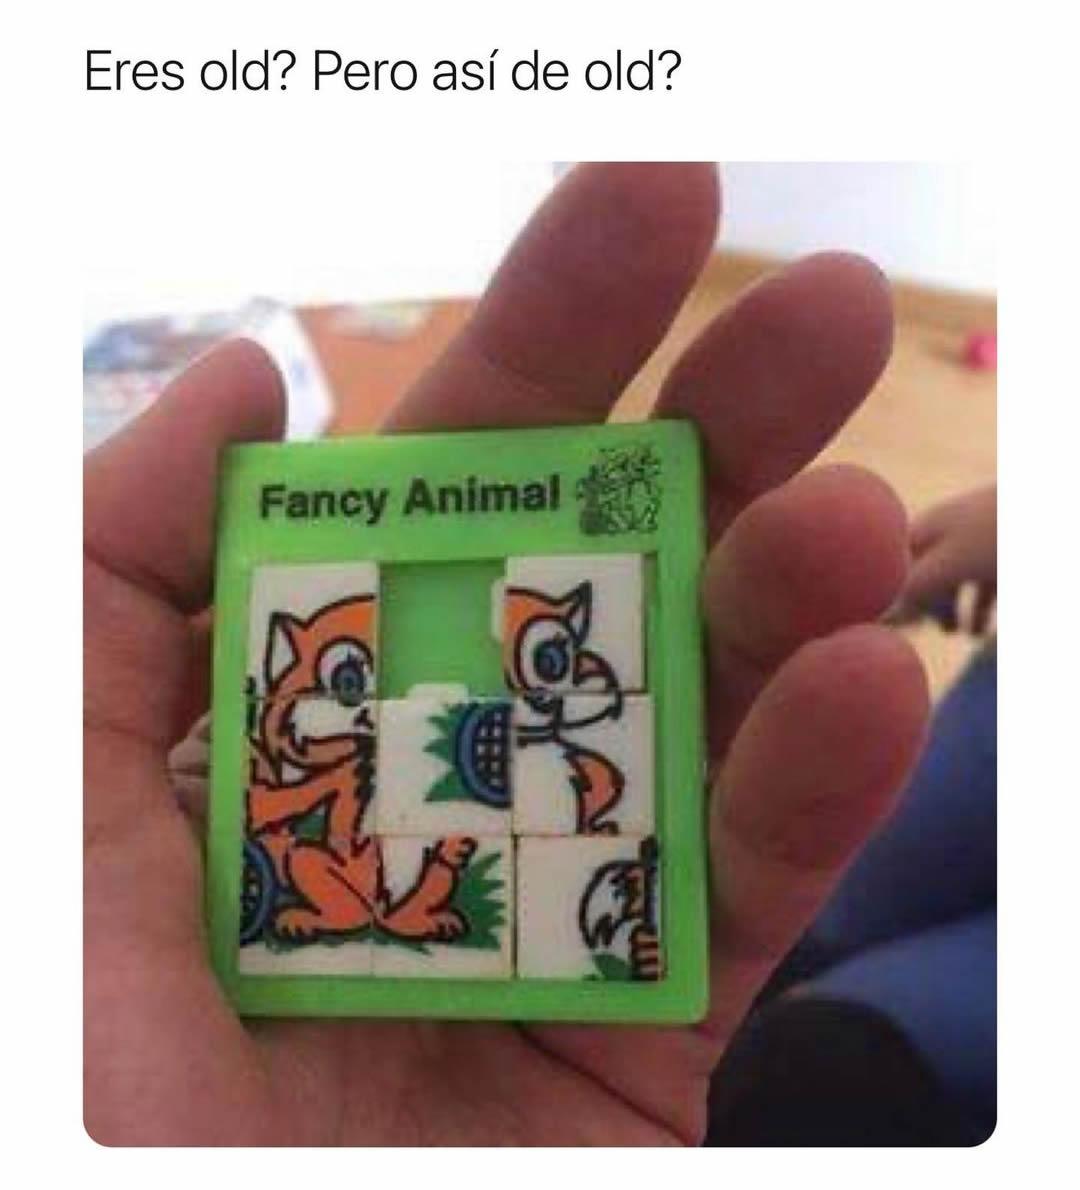 Eres old? Pero así de old? Fancy Animal.